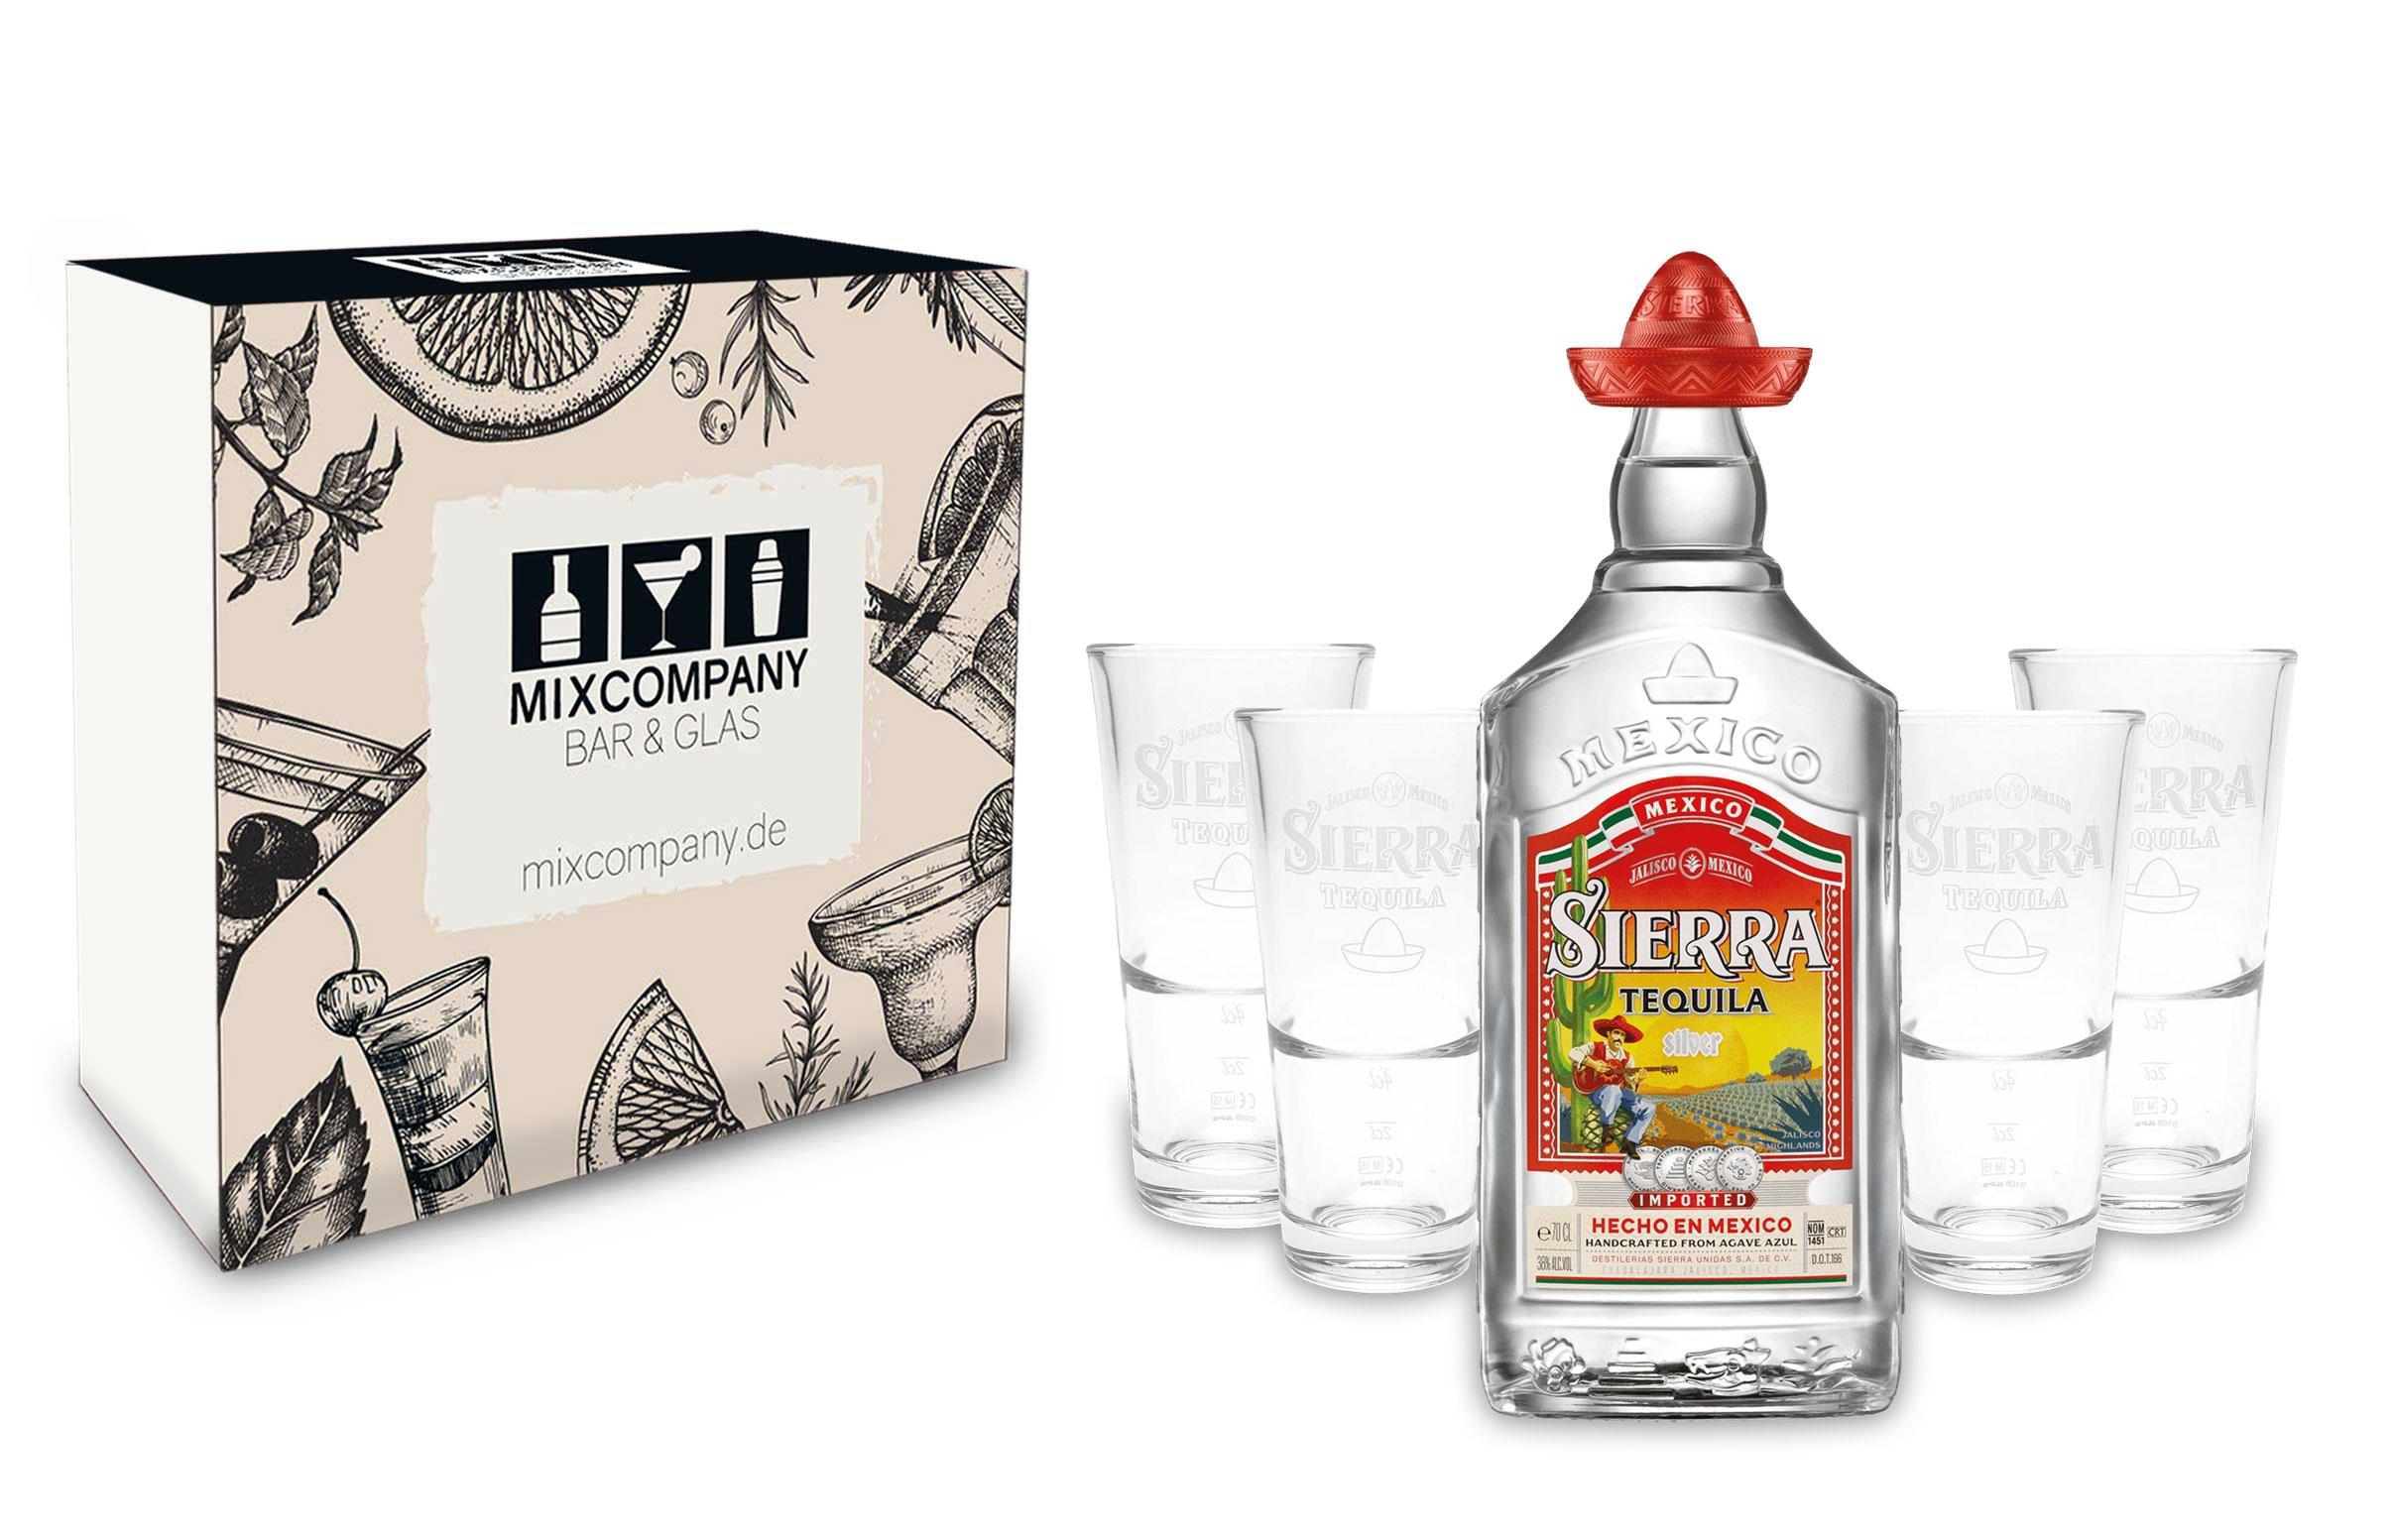 Sierra Tequila Set - Sierra Tequila Silver 0,7l 700ml (38% Vol) + 4x Sierra Tequila Gläser